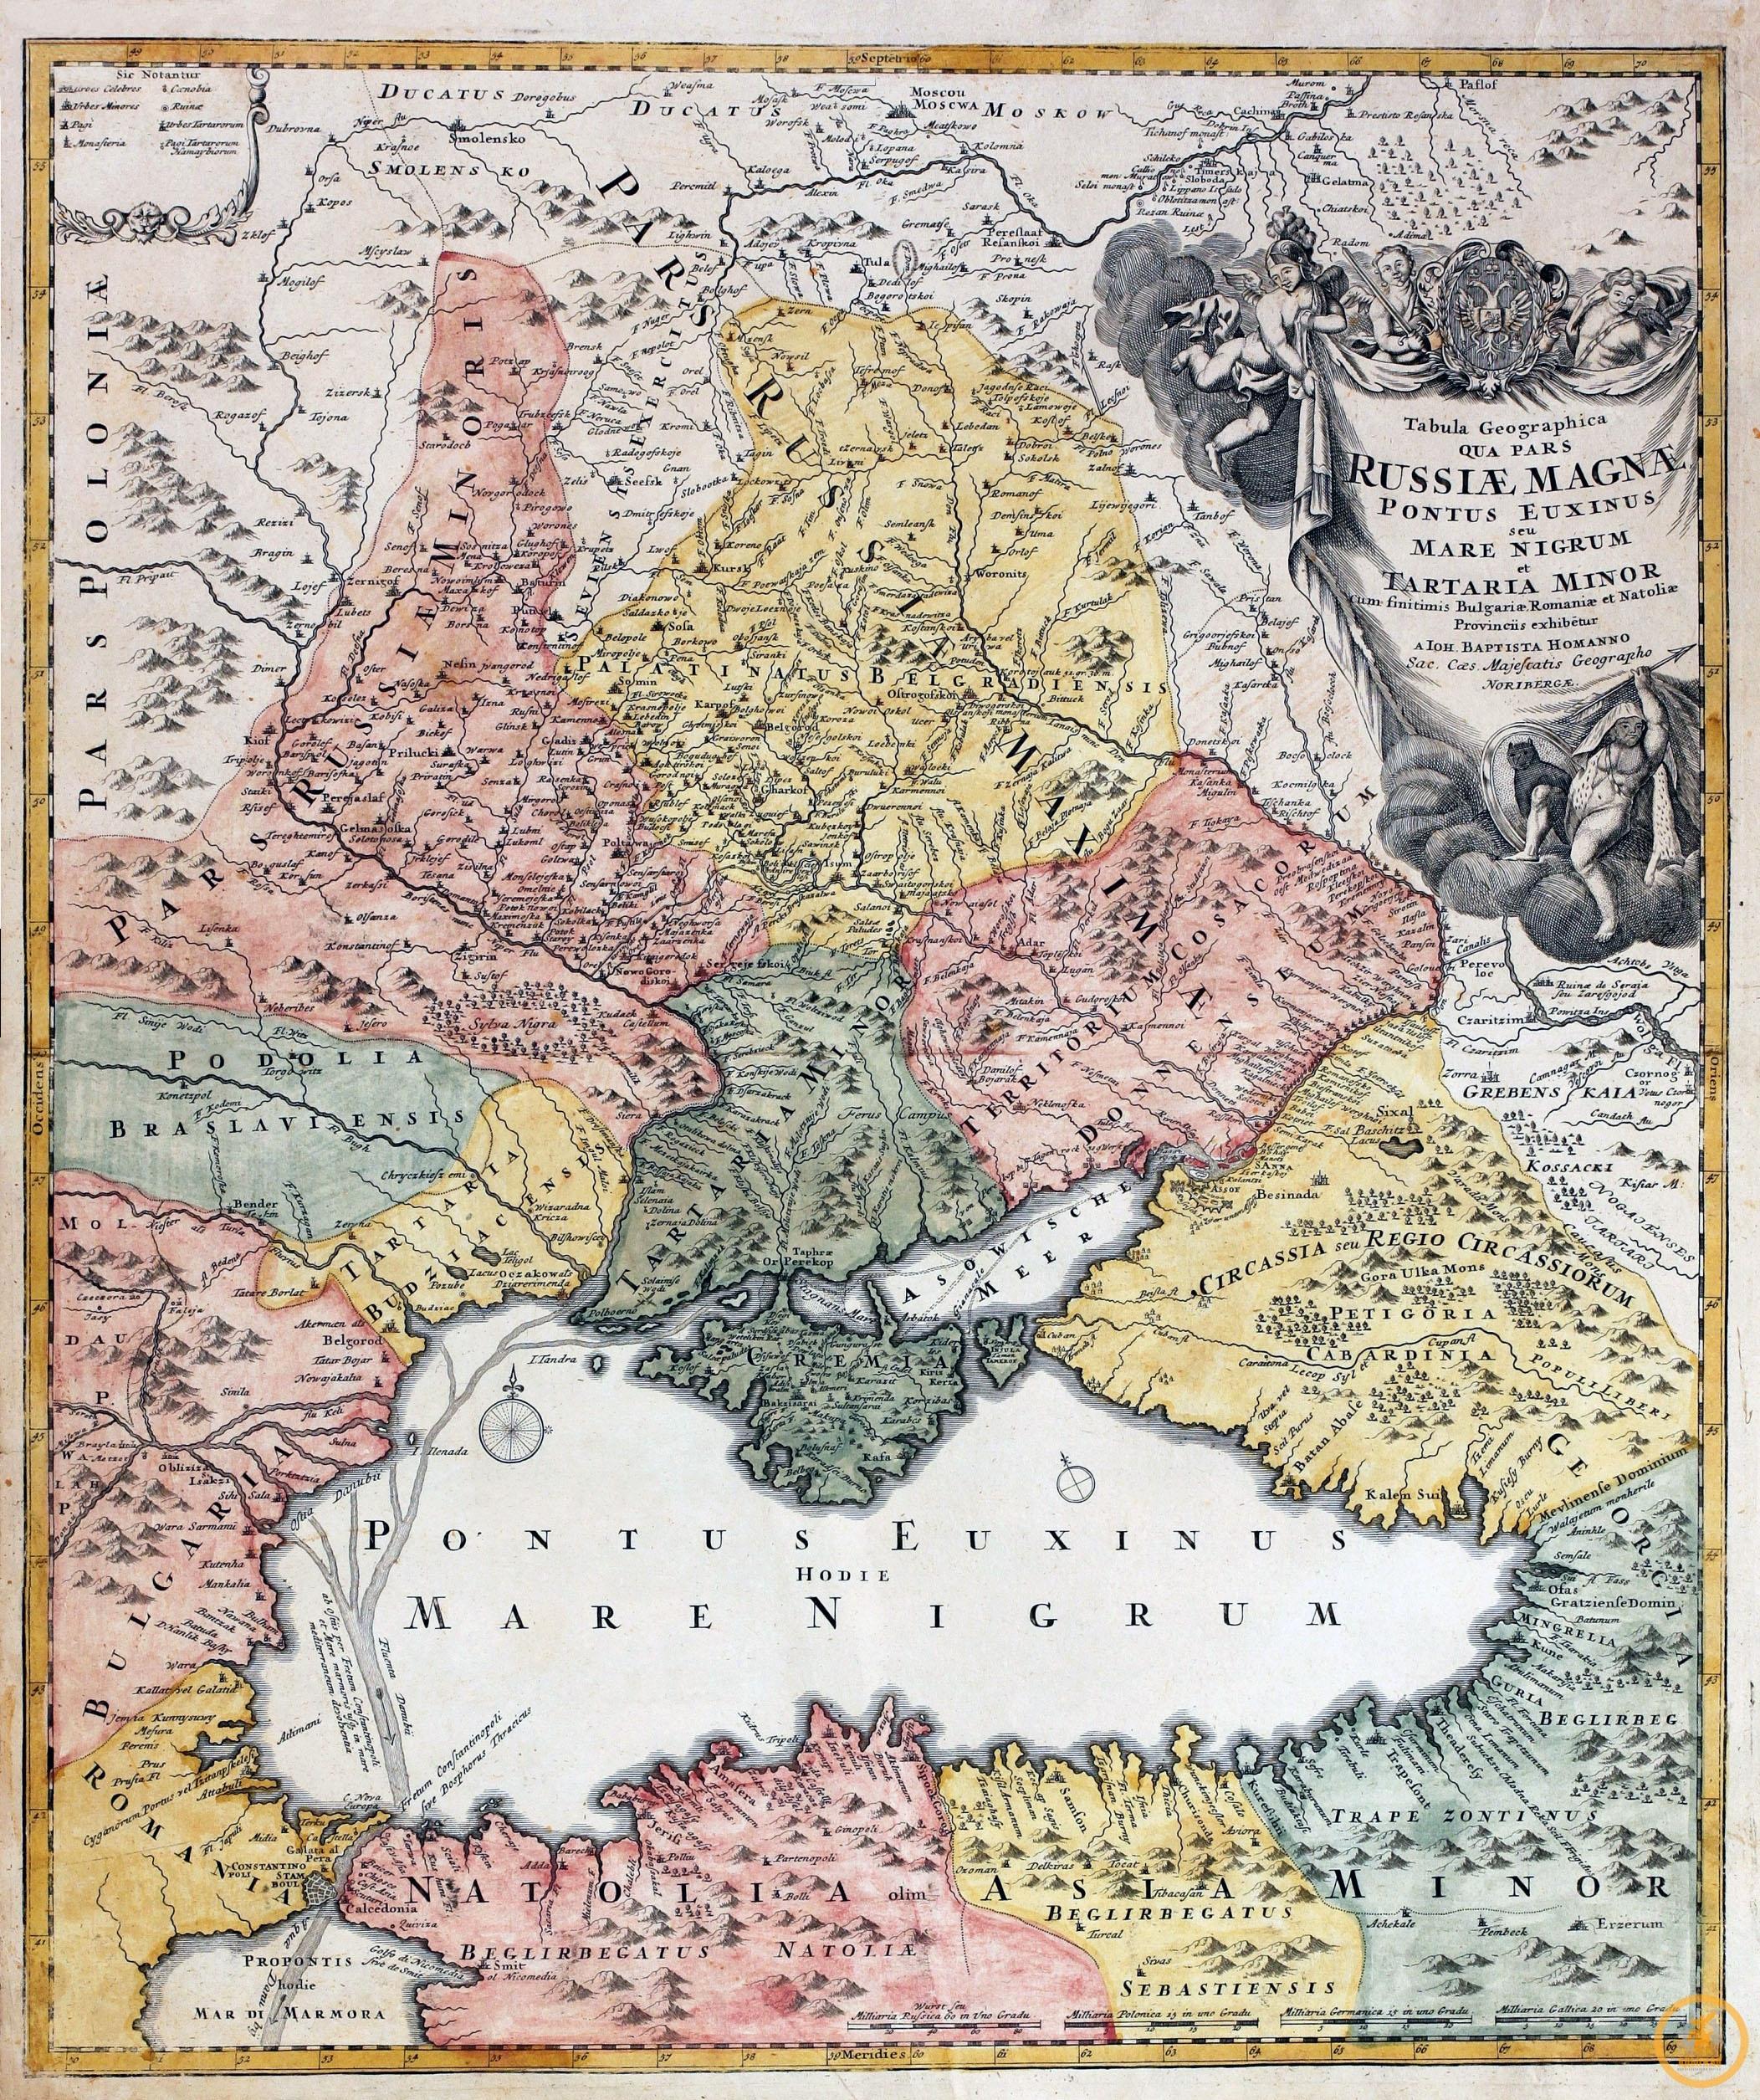 Хоманн Иоганн Батист (1664-1724). Карта Великой России, Черного моря и Малой Татарии.  Нюрнберг, 1723 г.